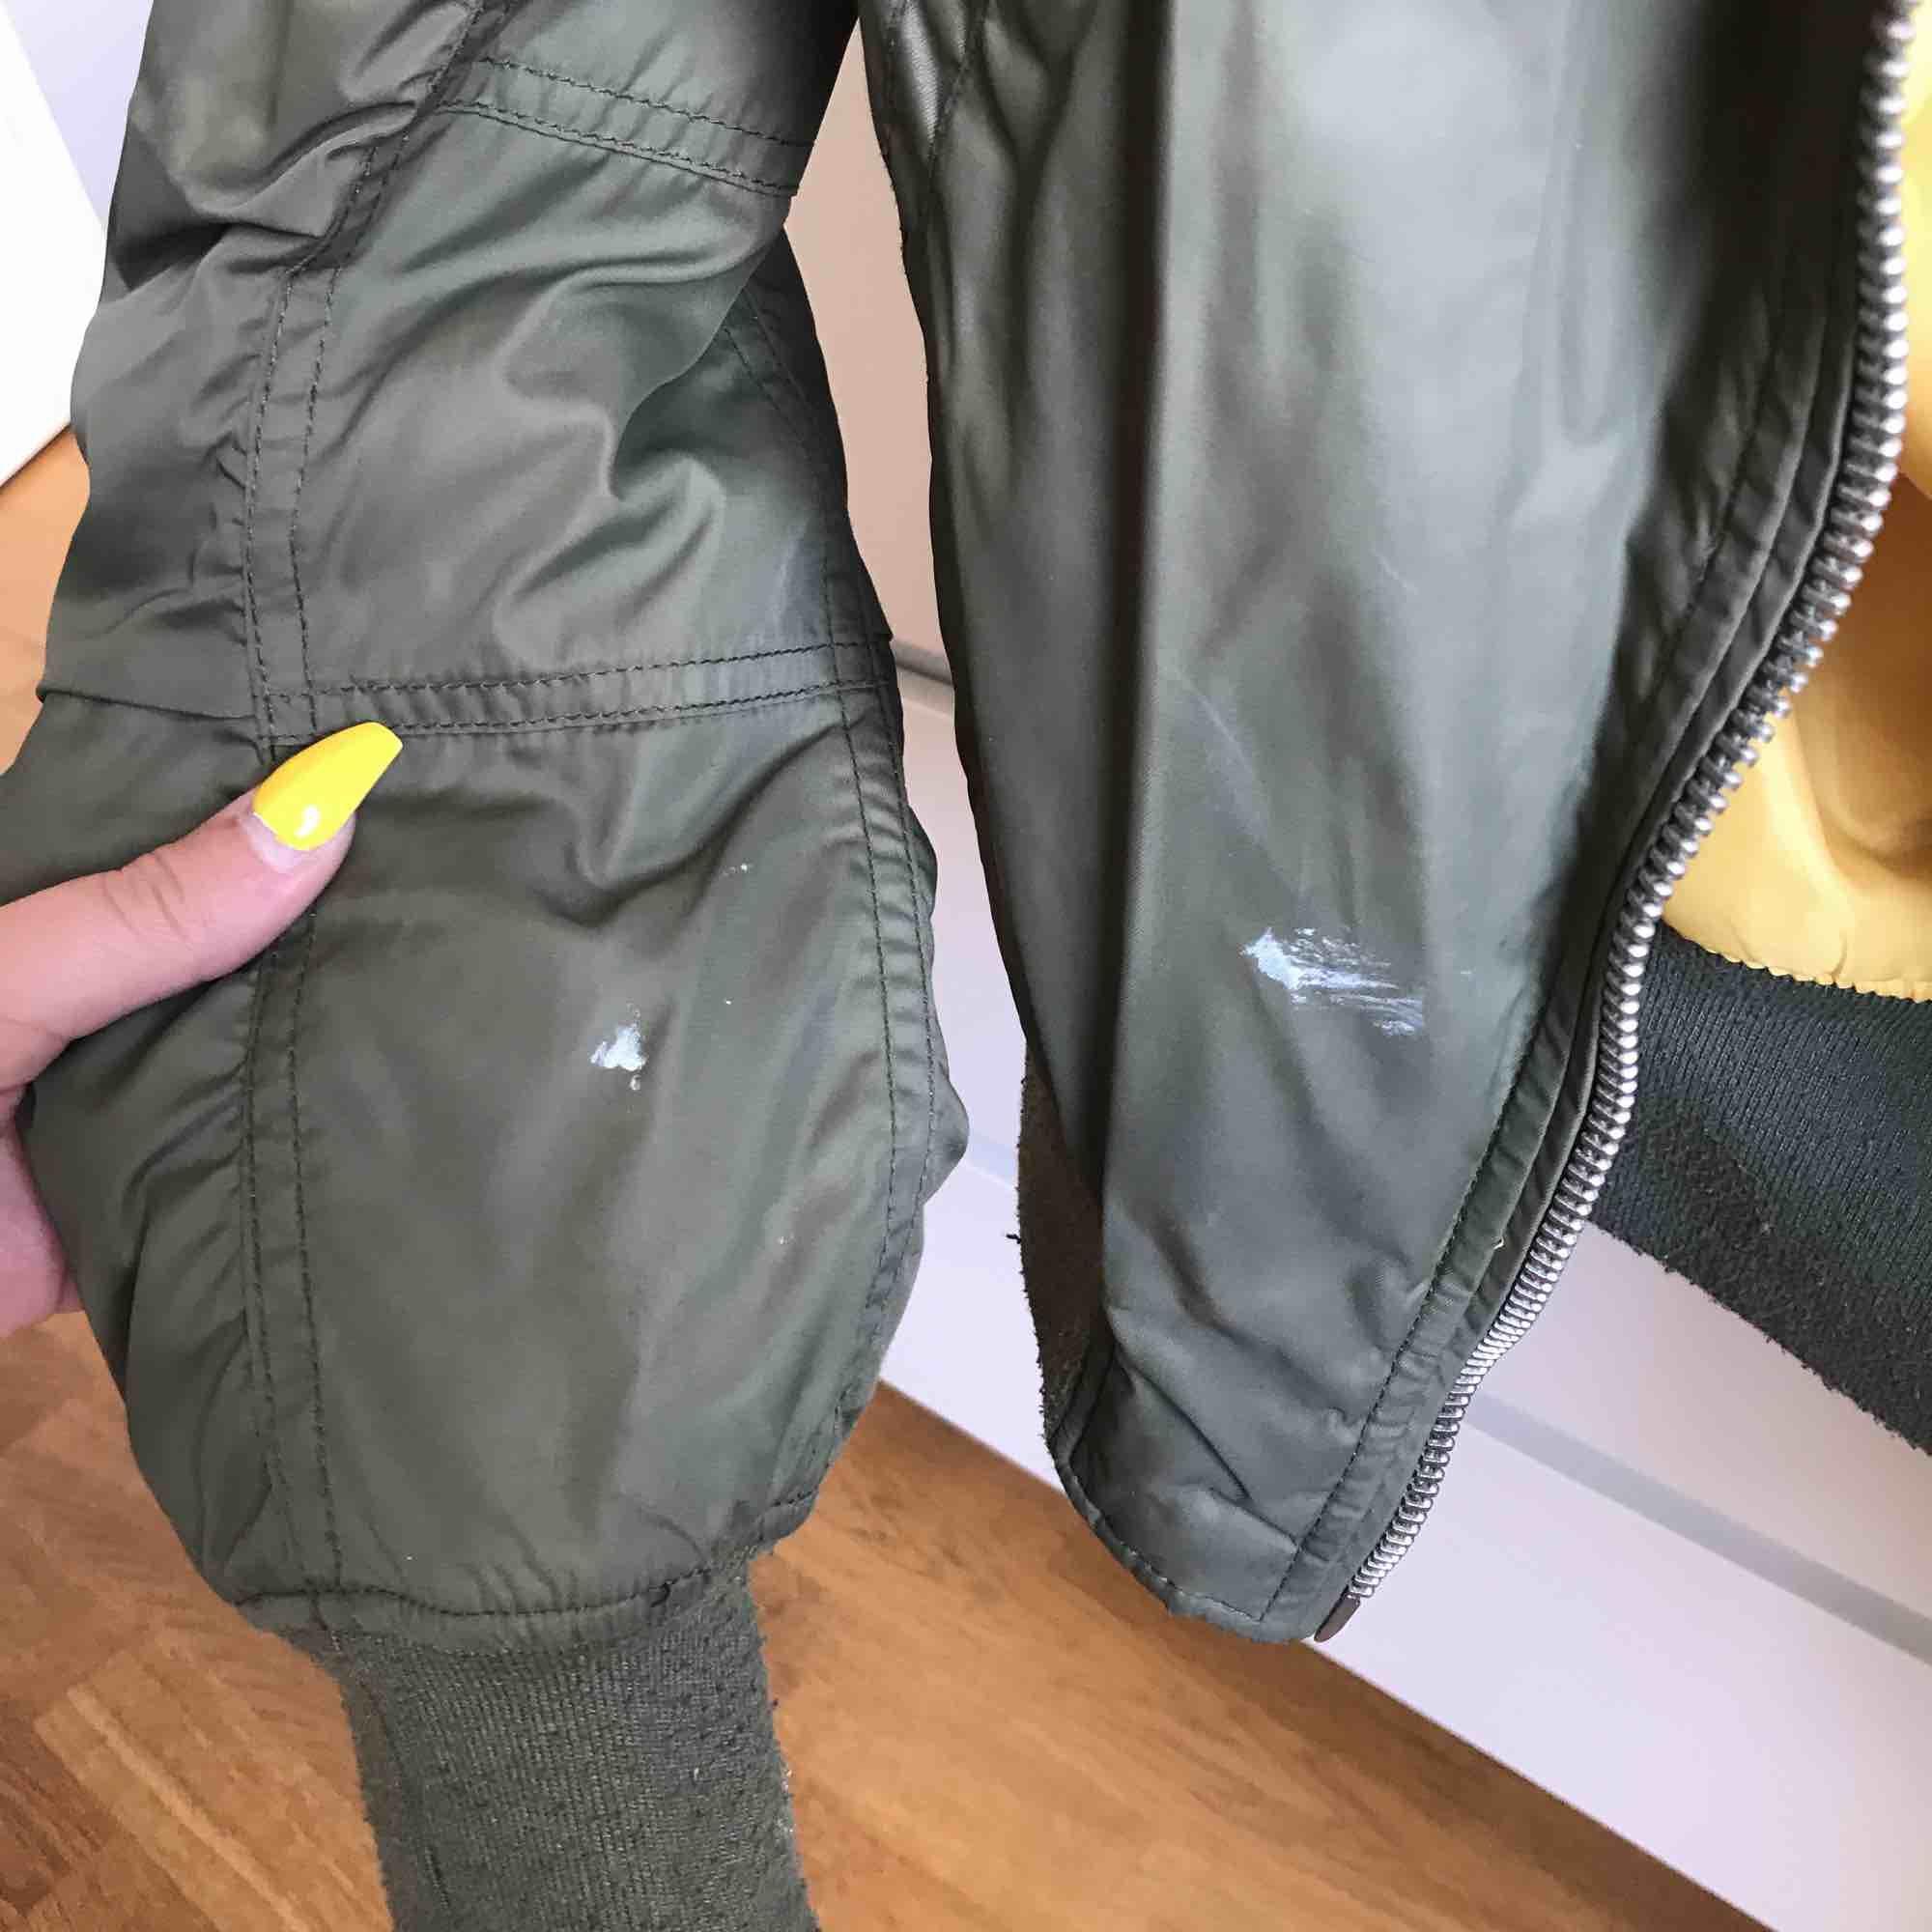 Bomber jacka i militärgrönt med gul insida! Bekväm jacka! Passar bra till våren men även sommaren. Väl använd men fortfarande fin.  Det finns två färgfläckar på jackan (visas på bild tre). Jackor.